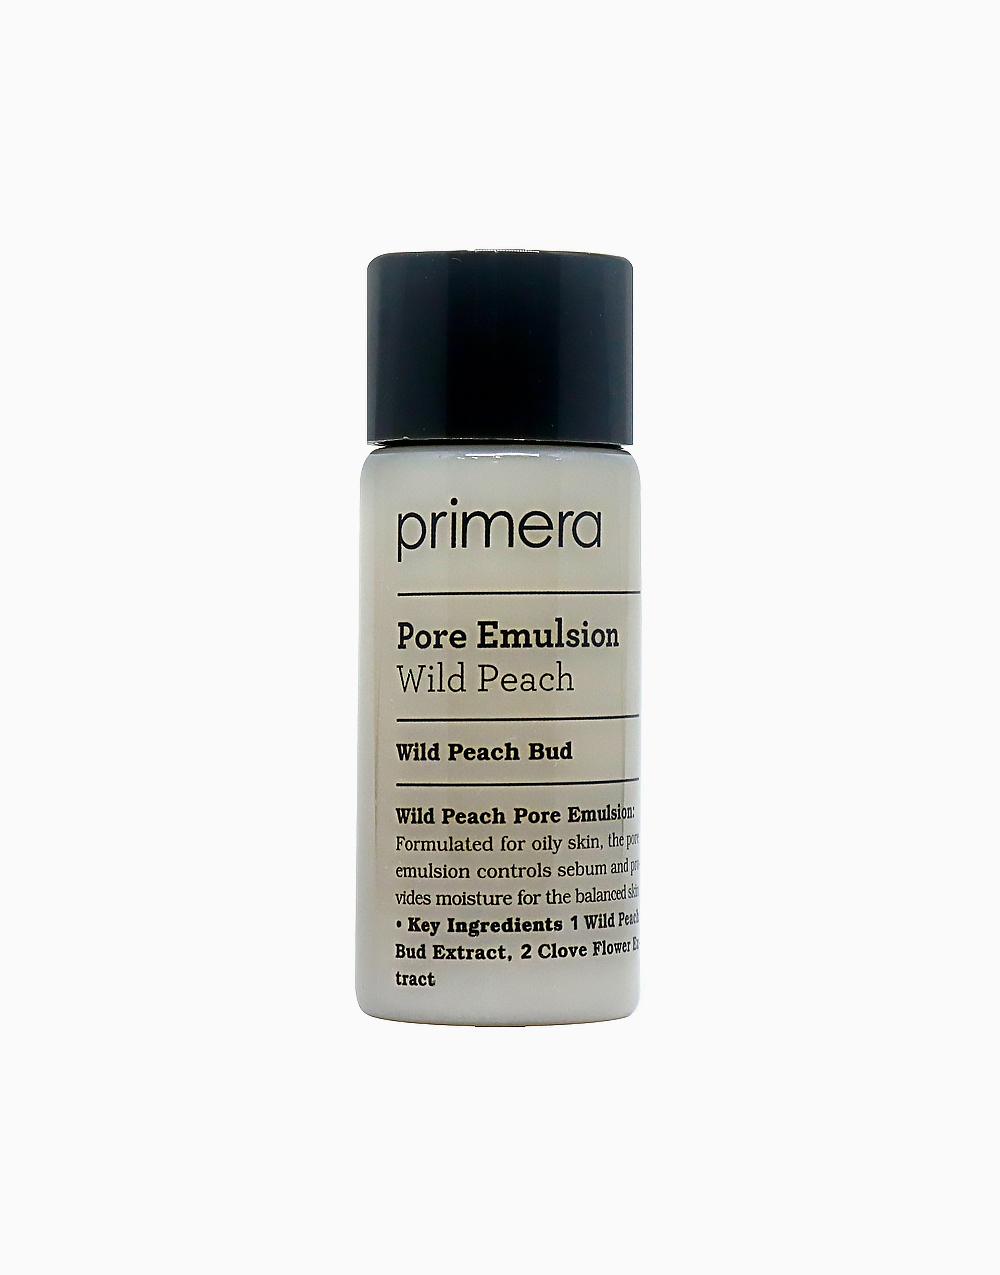 Wild Peach Pore Emulsion (15ml) by Primera